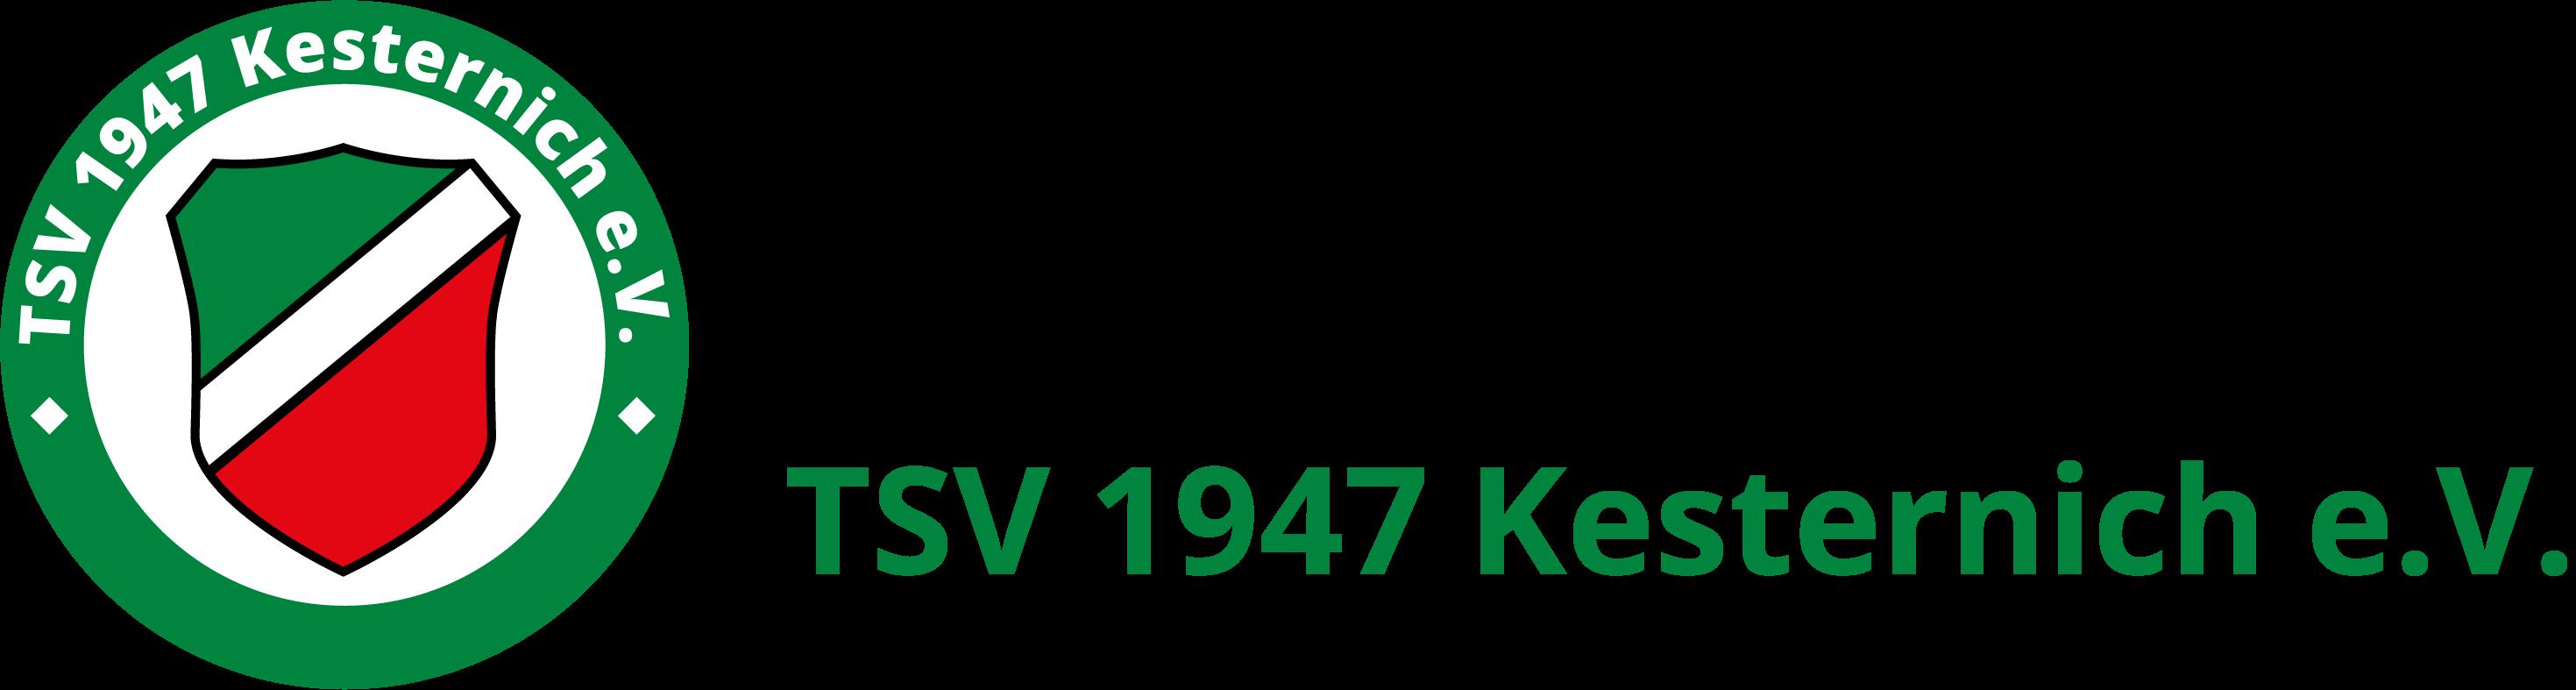 TSV 1947 Kesternich e. V.